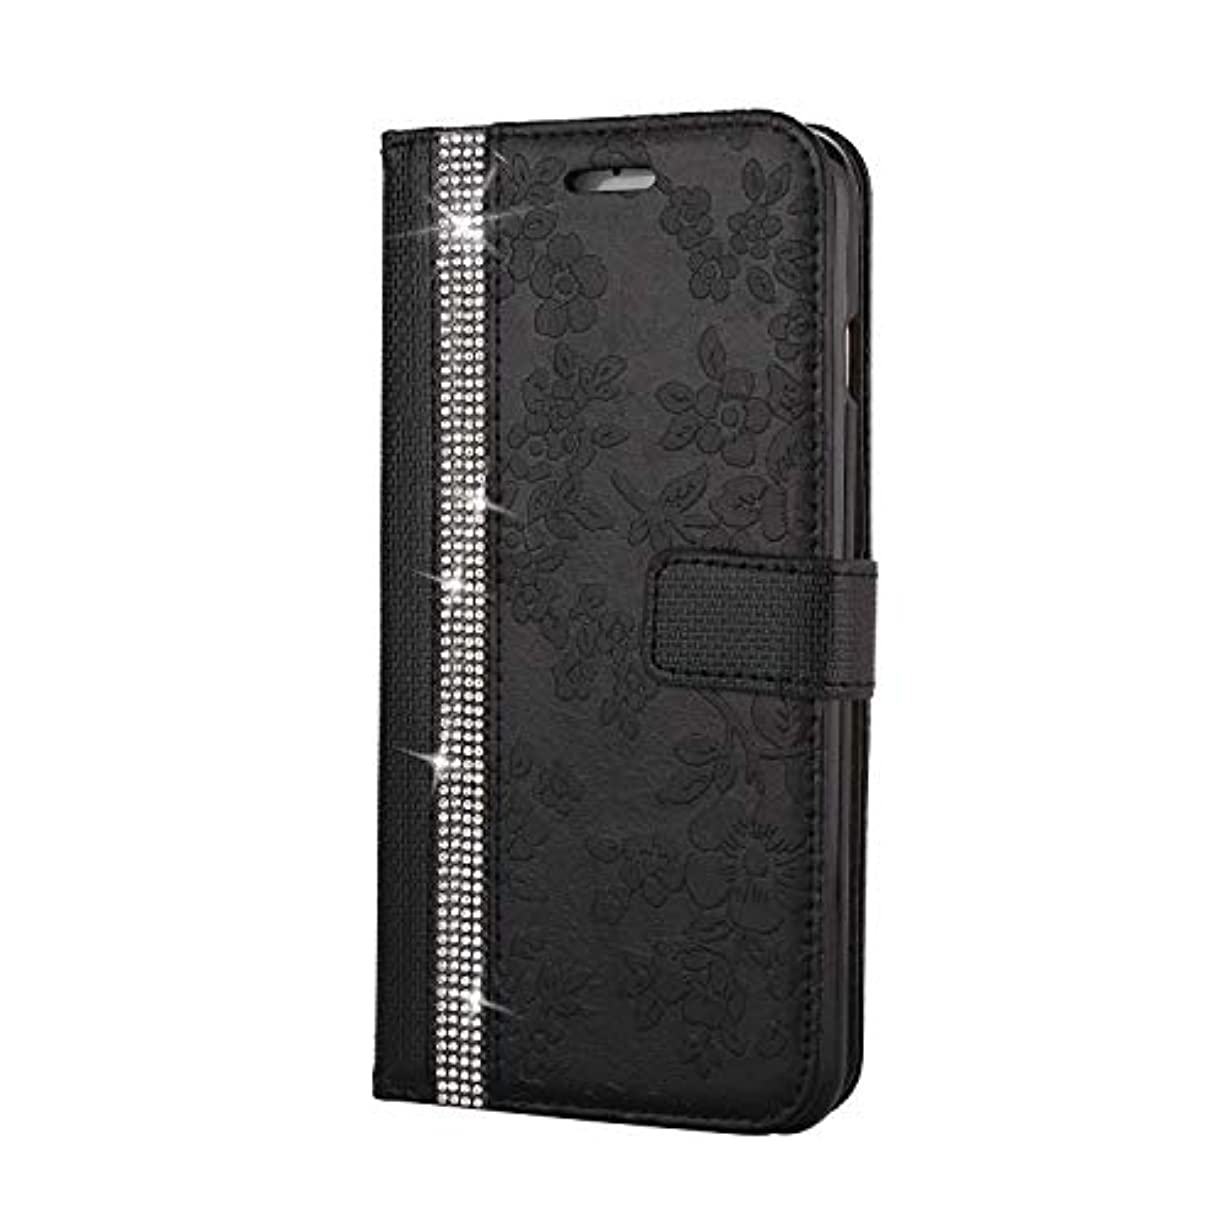 細心の切手キウイCUNUS iPhone 6 Plus/iPhone 6S Plus 用 ウォレット ケース, プレミアム PUレザー 全面保護 ケース 耐衝撃 スタンド機能 耐汚れ カード収納 カバー, ブラック